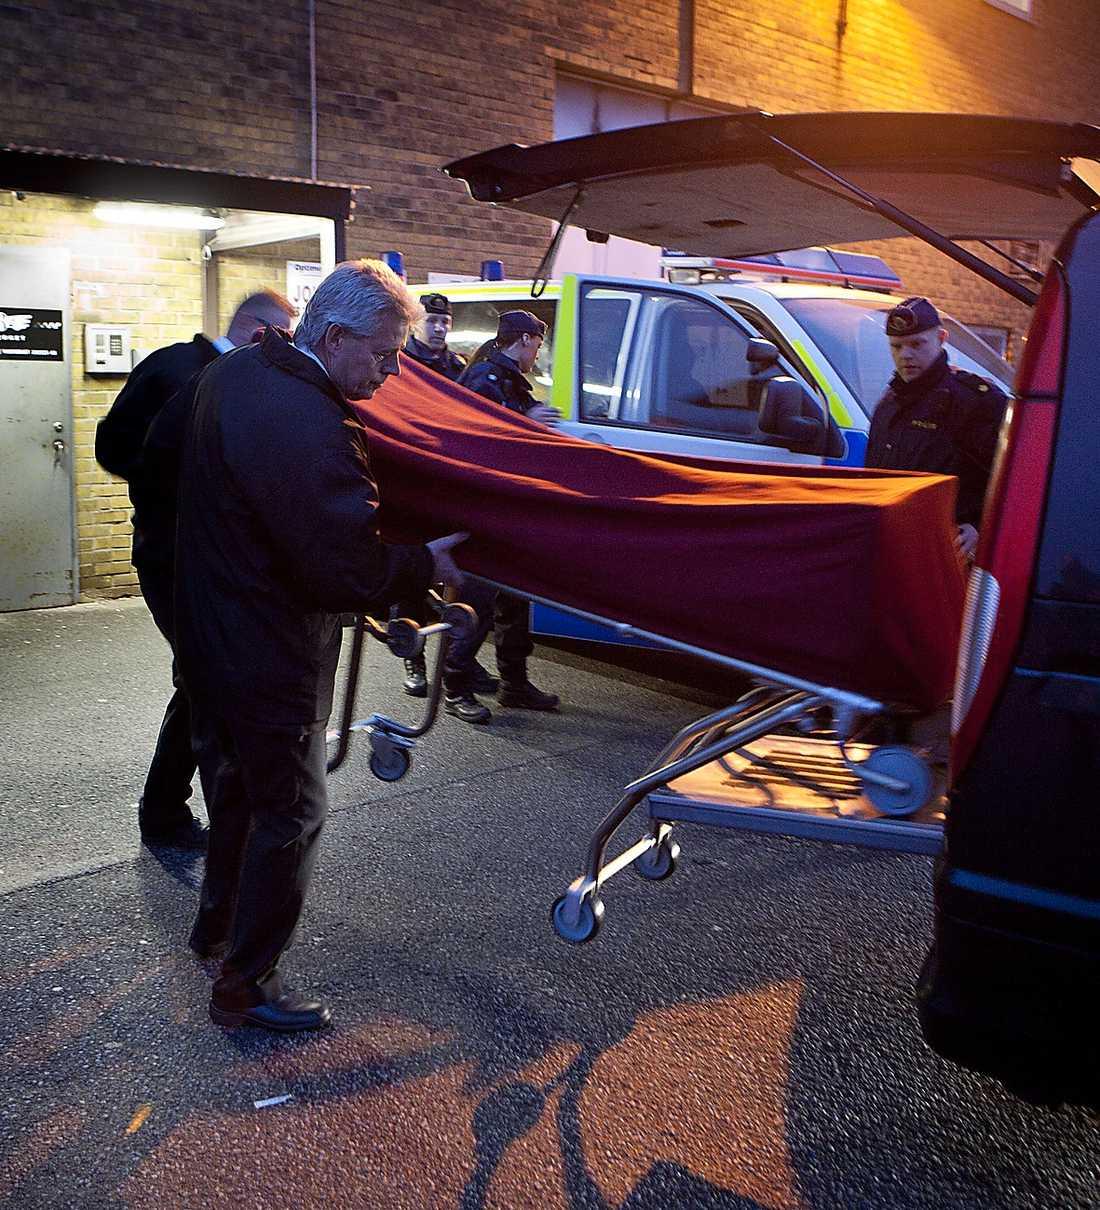 Brödraskapet Wolfpacks ledare Alex Ghara Mohammidi sköts ihjäl inne på en taxifirma i Malmö den 24 november i år.